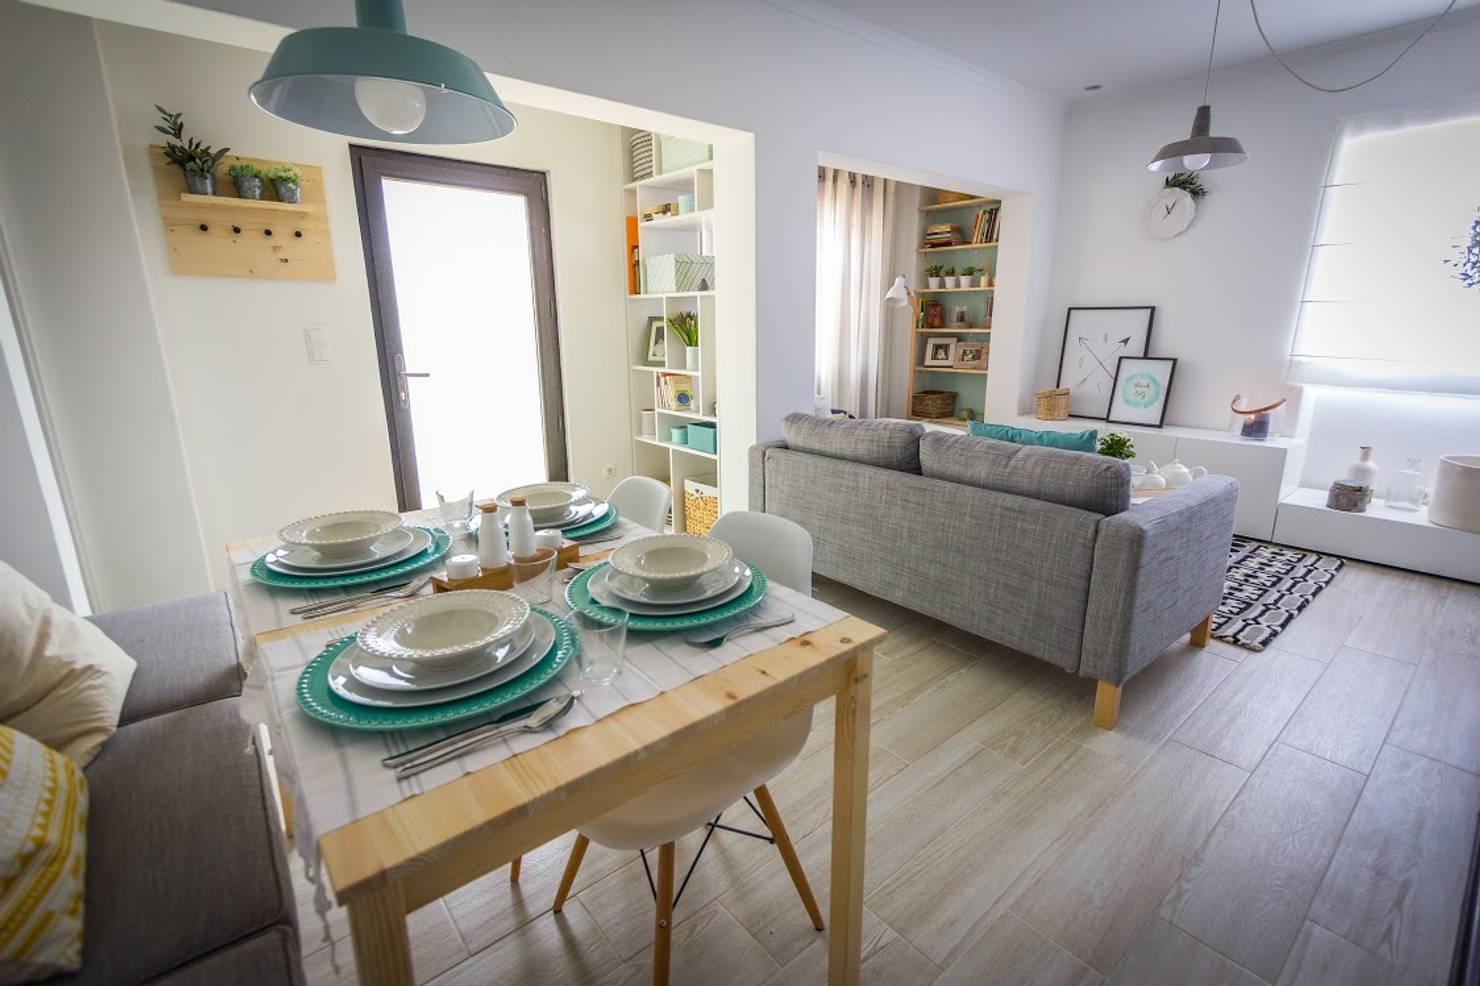 Kreative Gestaltungsoptionen für kleine Wohnungen